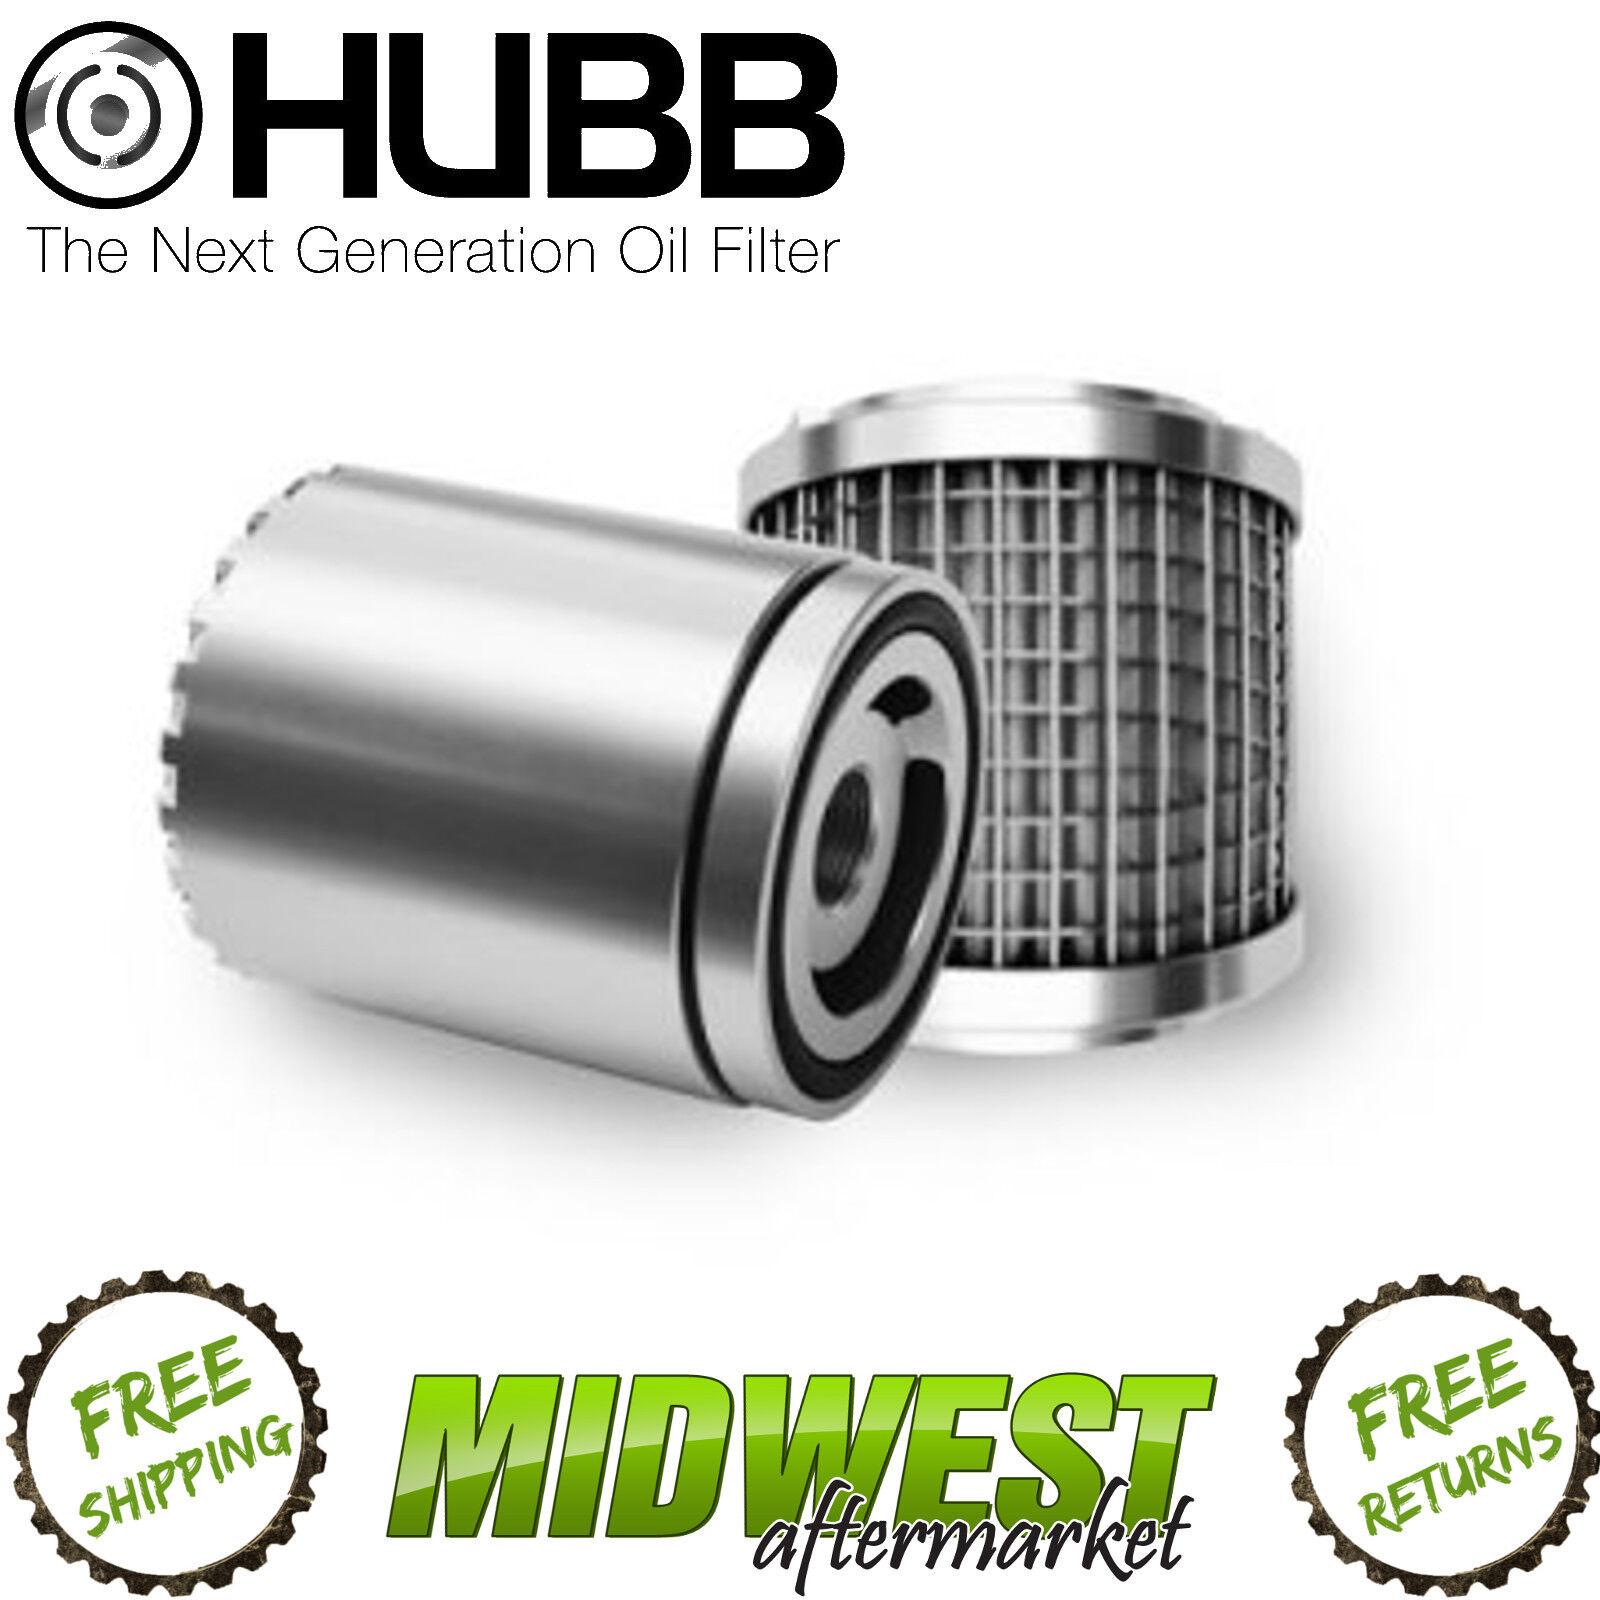 Hubb Stainless Steel Reusable Oil Filter Fits 2012 2017 Dodge Ram 1500 5 7 Hemi Ebay